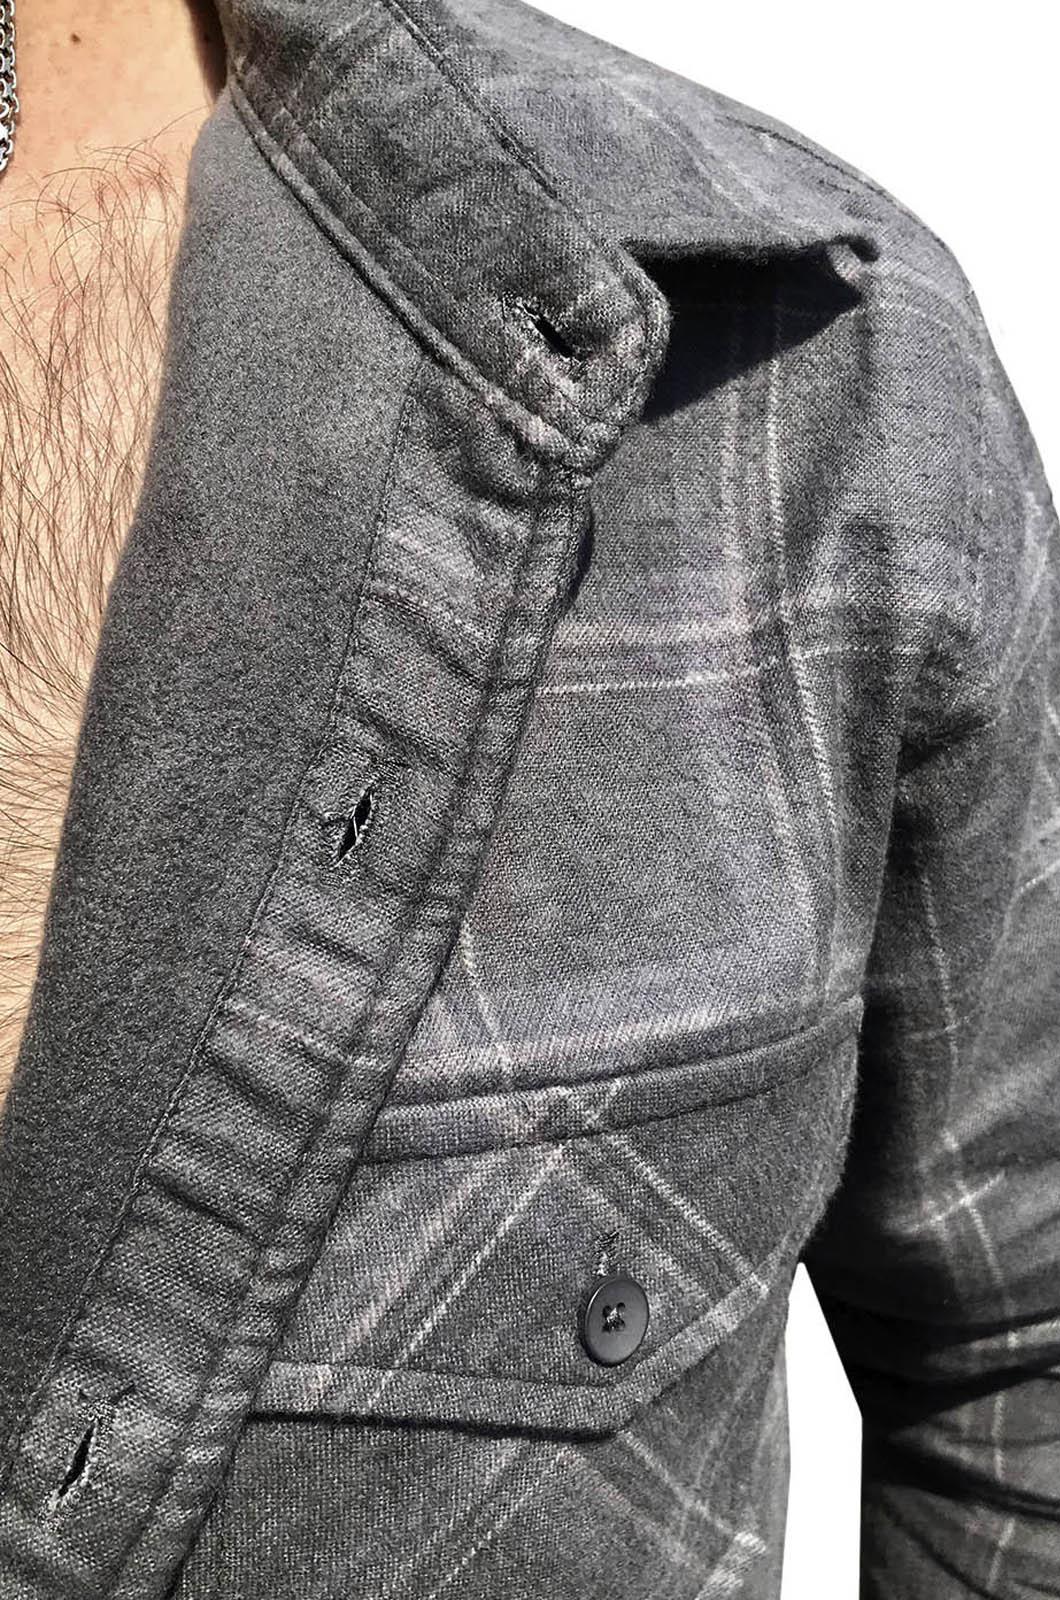 Рубашка теплая мужская с вышитым шевроном Грузия - купить выгодно